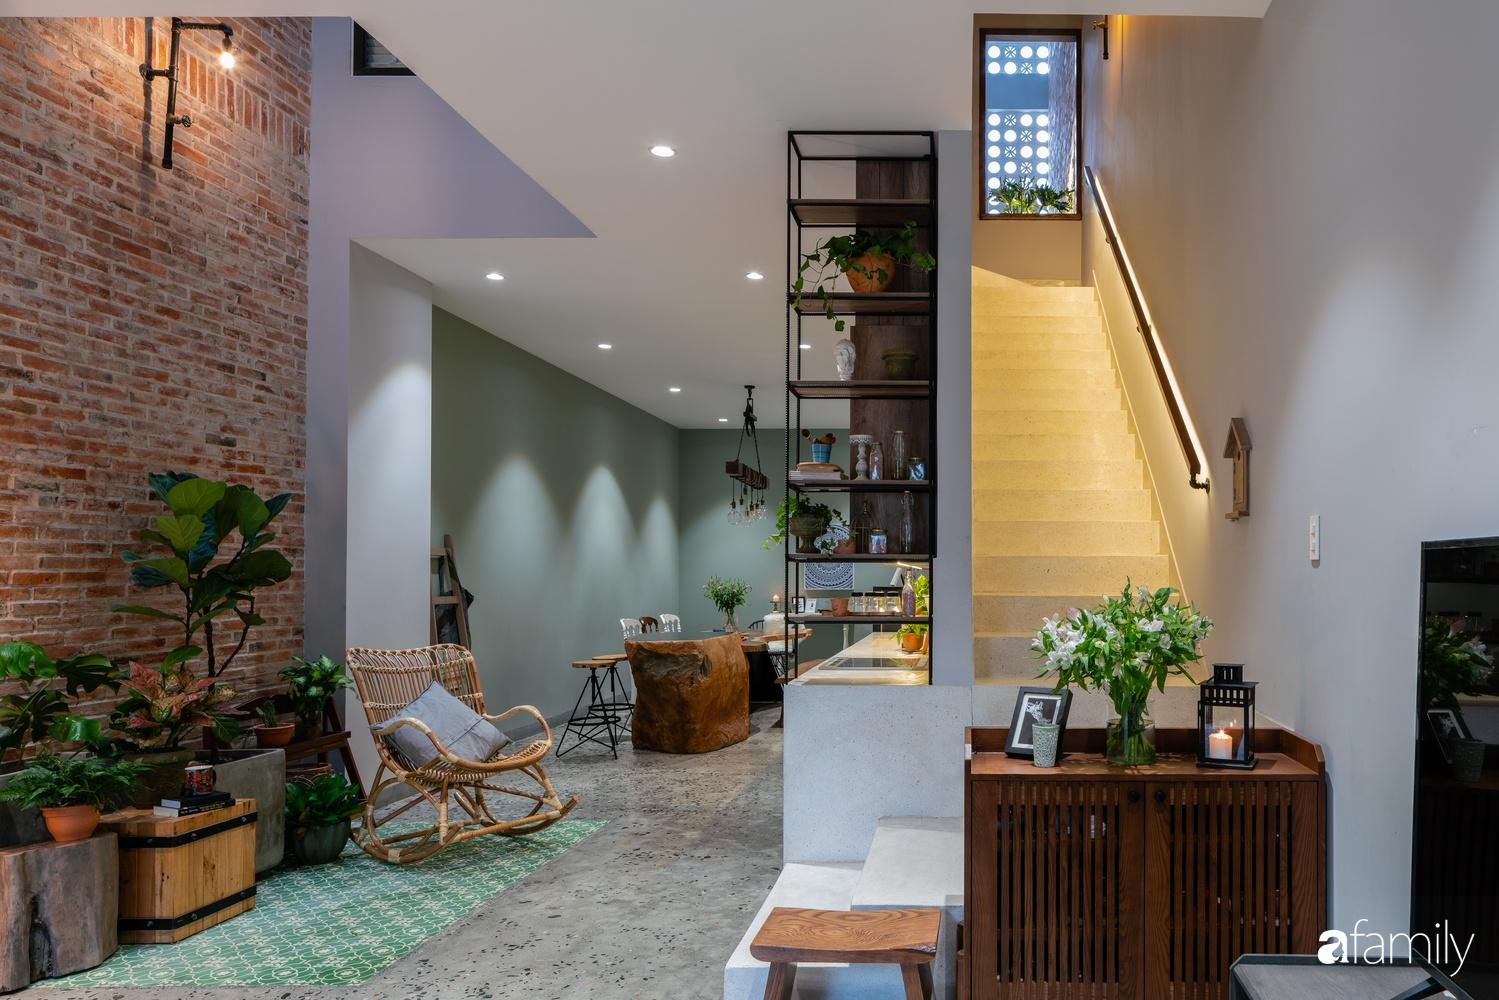 Ngôi nhà có kiến trúc độc đáo giàu tính nghệ thuật đẹp yên bình, mộc mạc giữa trung tâm thành phố Đà Nẵng - Ảnh 8.